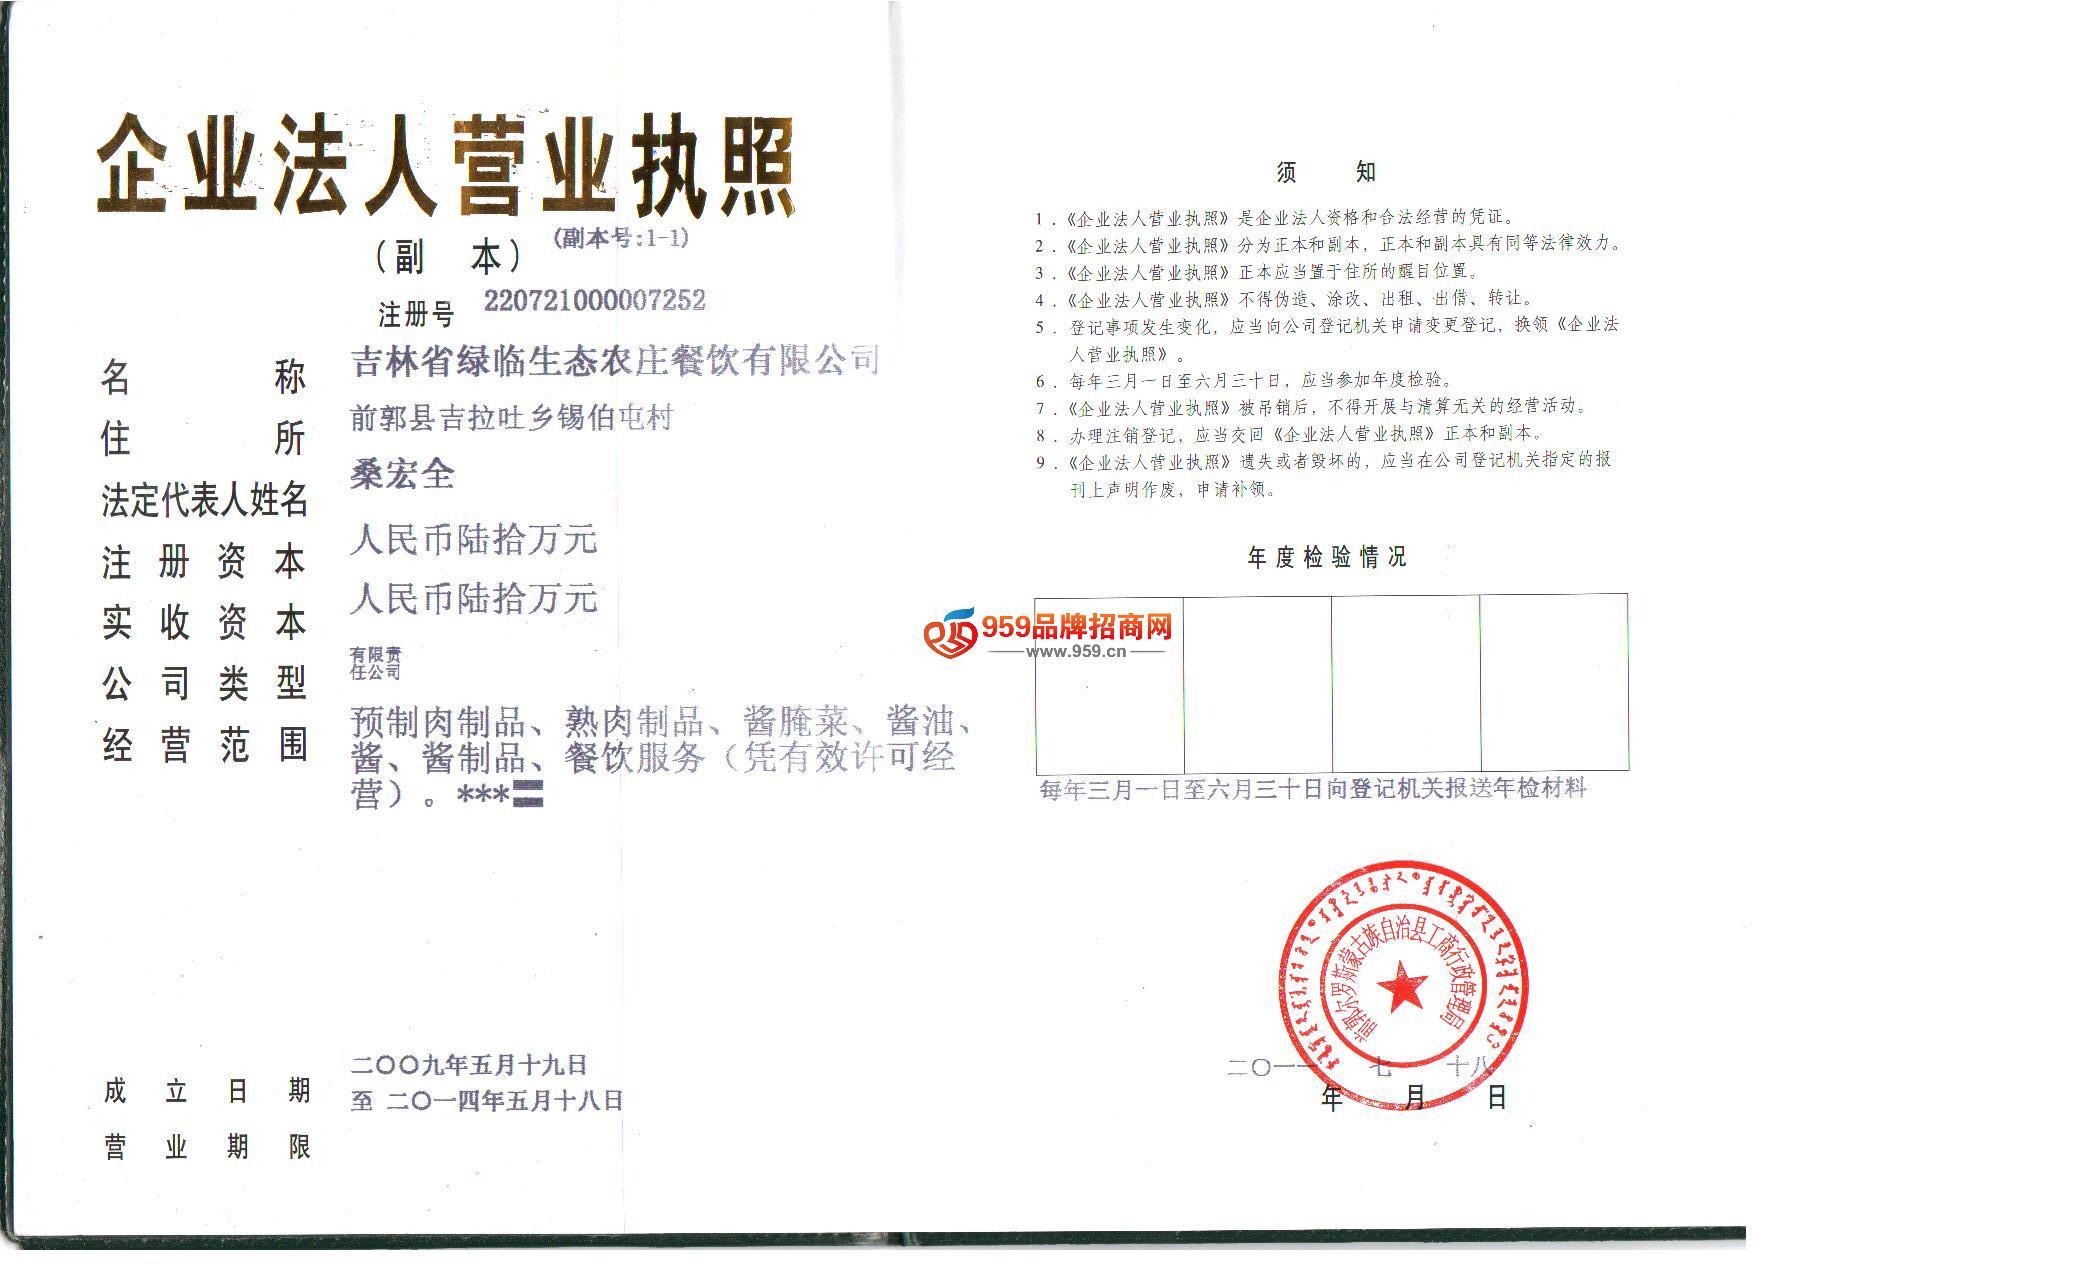 品牌发源:吉林省松原市好 评 率 :98% 所属行业:酒店服务 - 酒店连锁